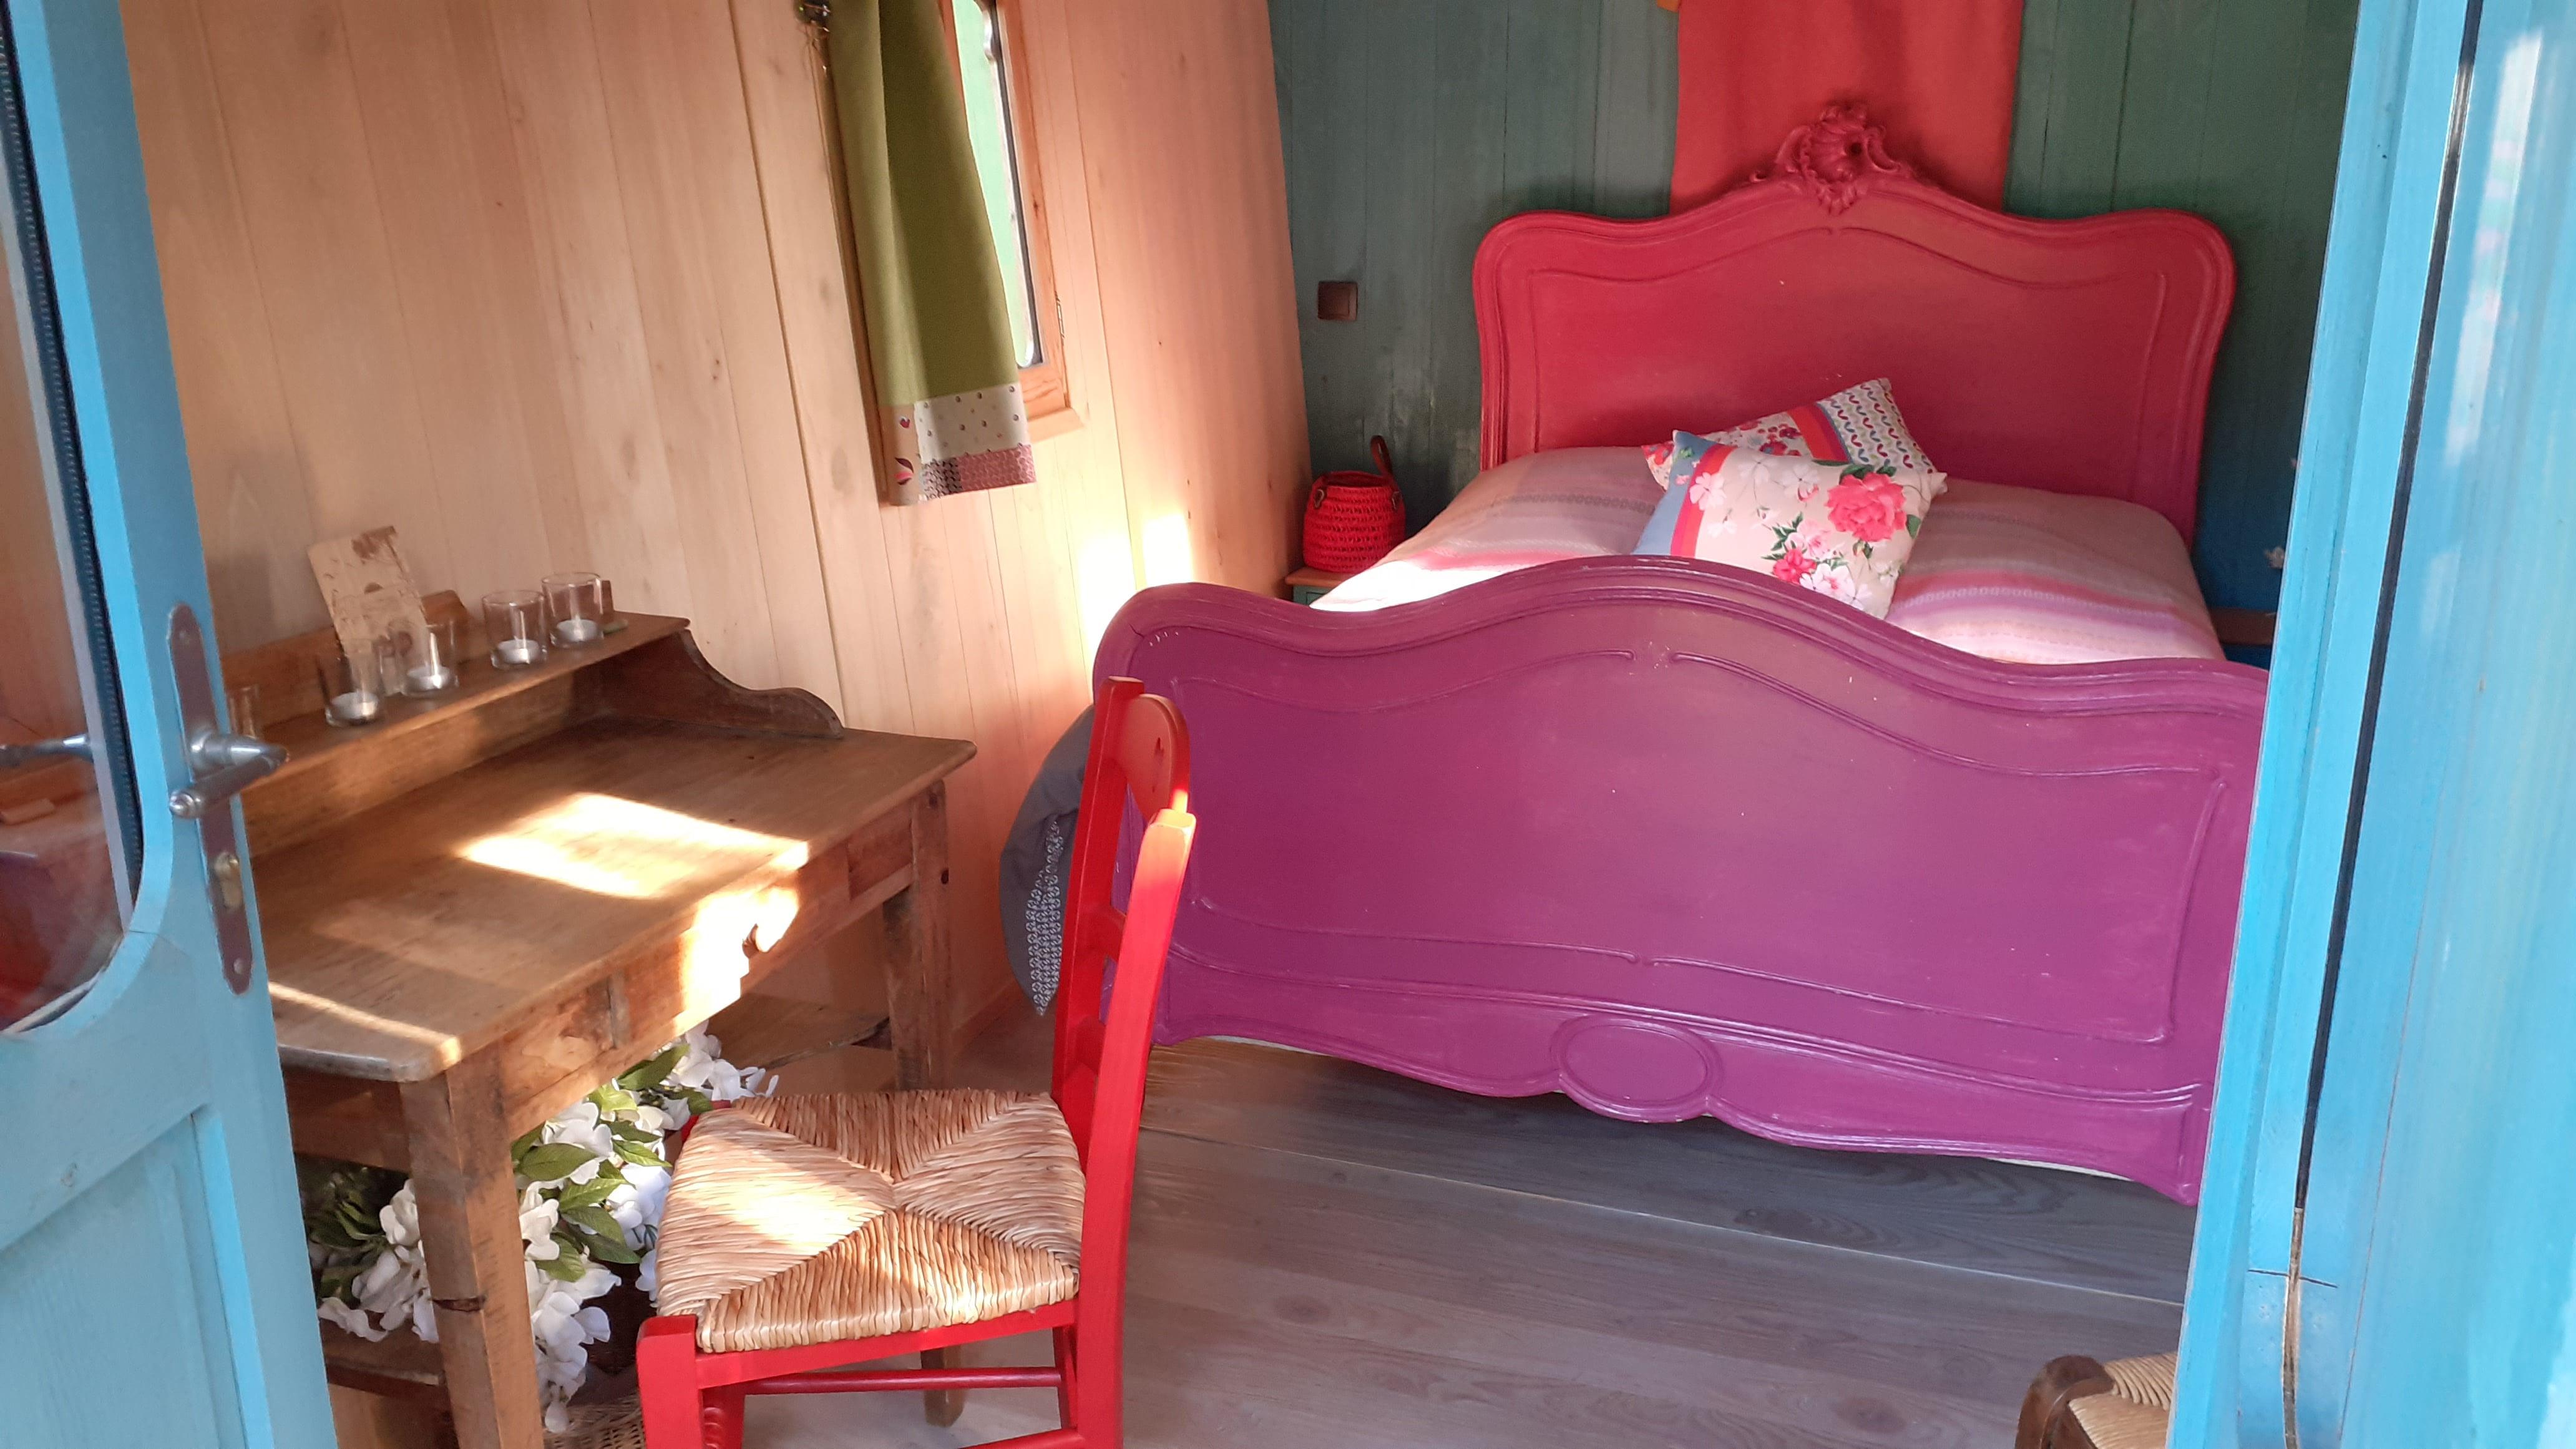 L'intérieur de la roulotte présente un lit et un bureau.